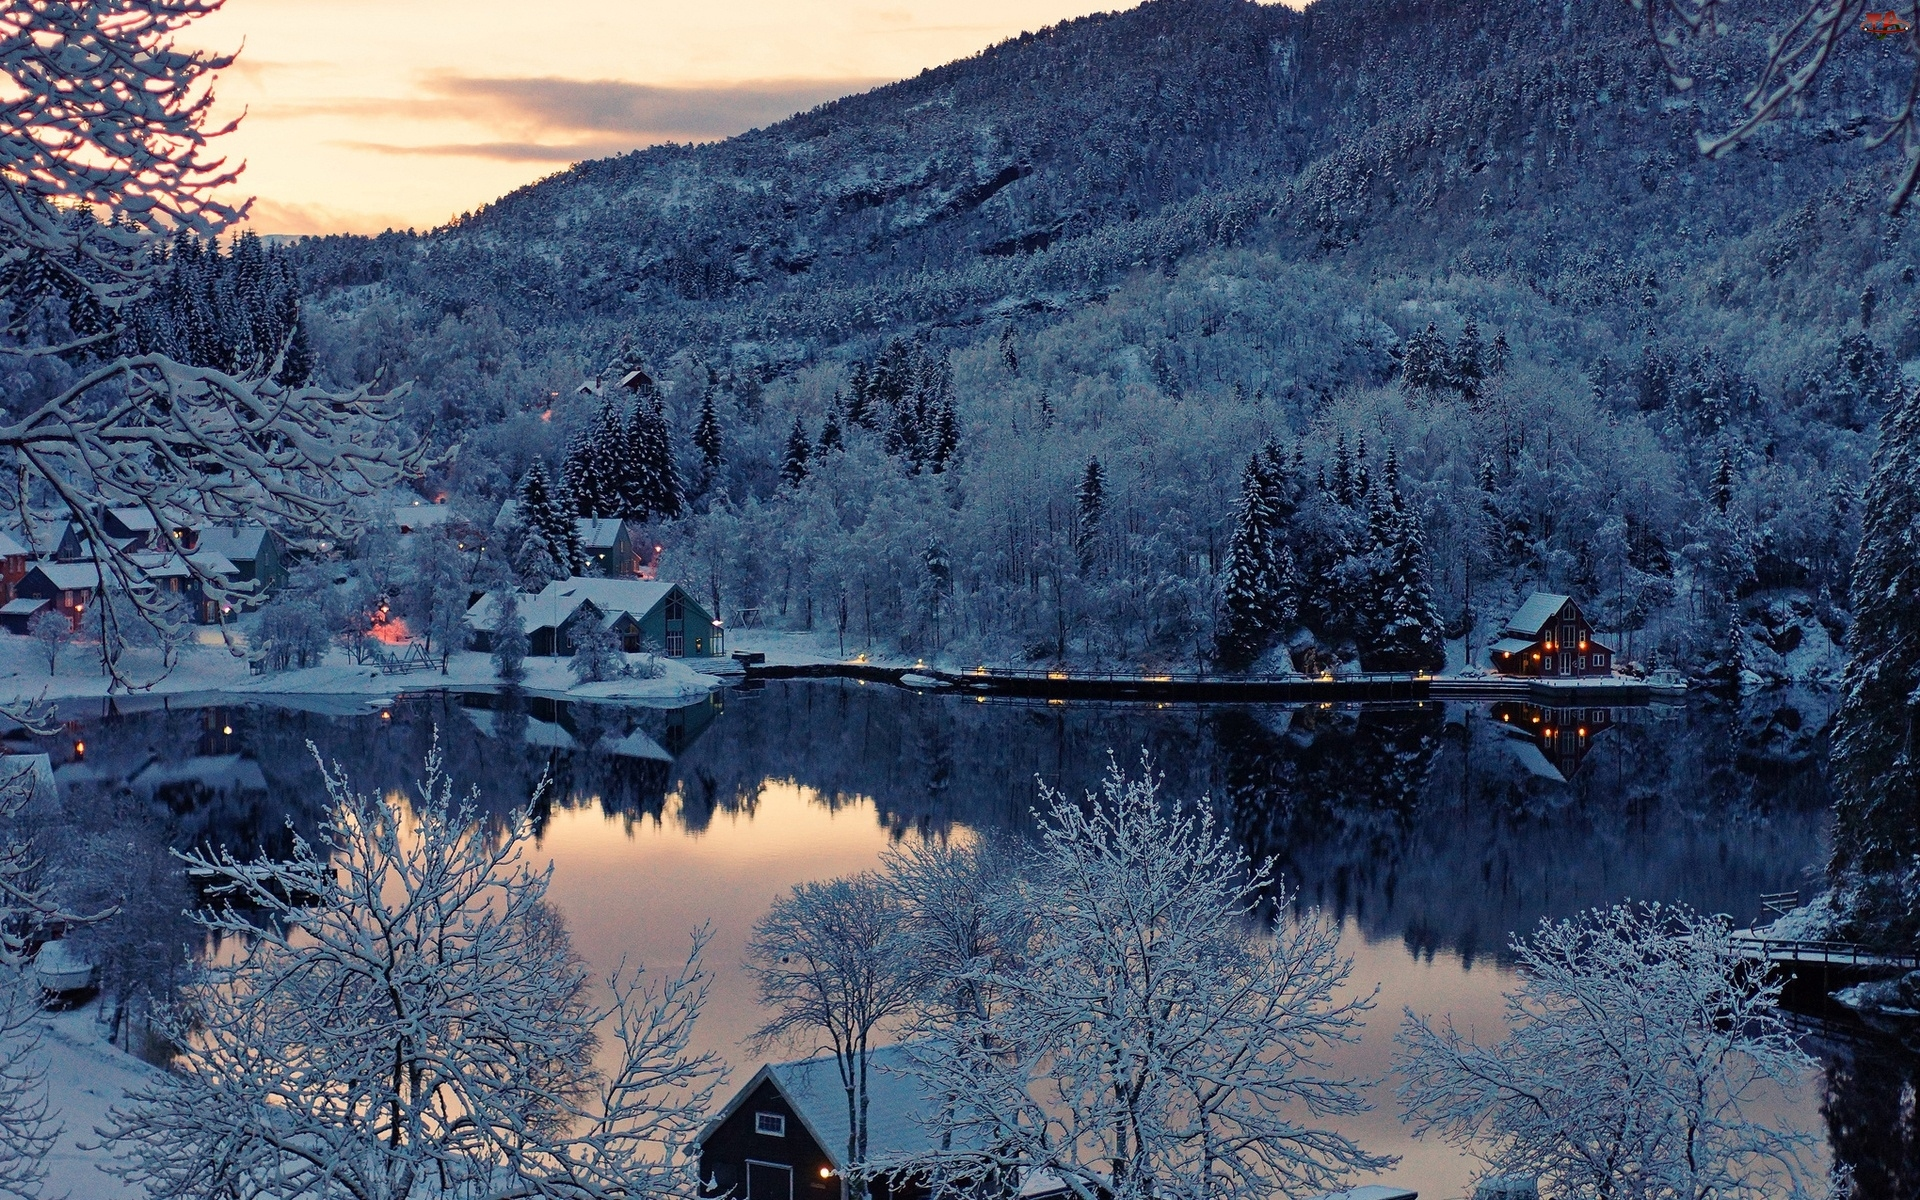 Noc, Rzeka, Domy, Góry, Zima